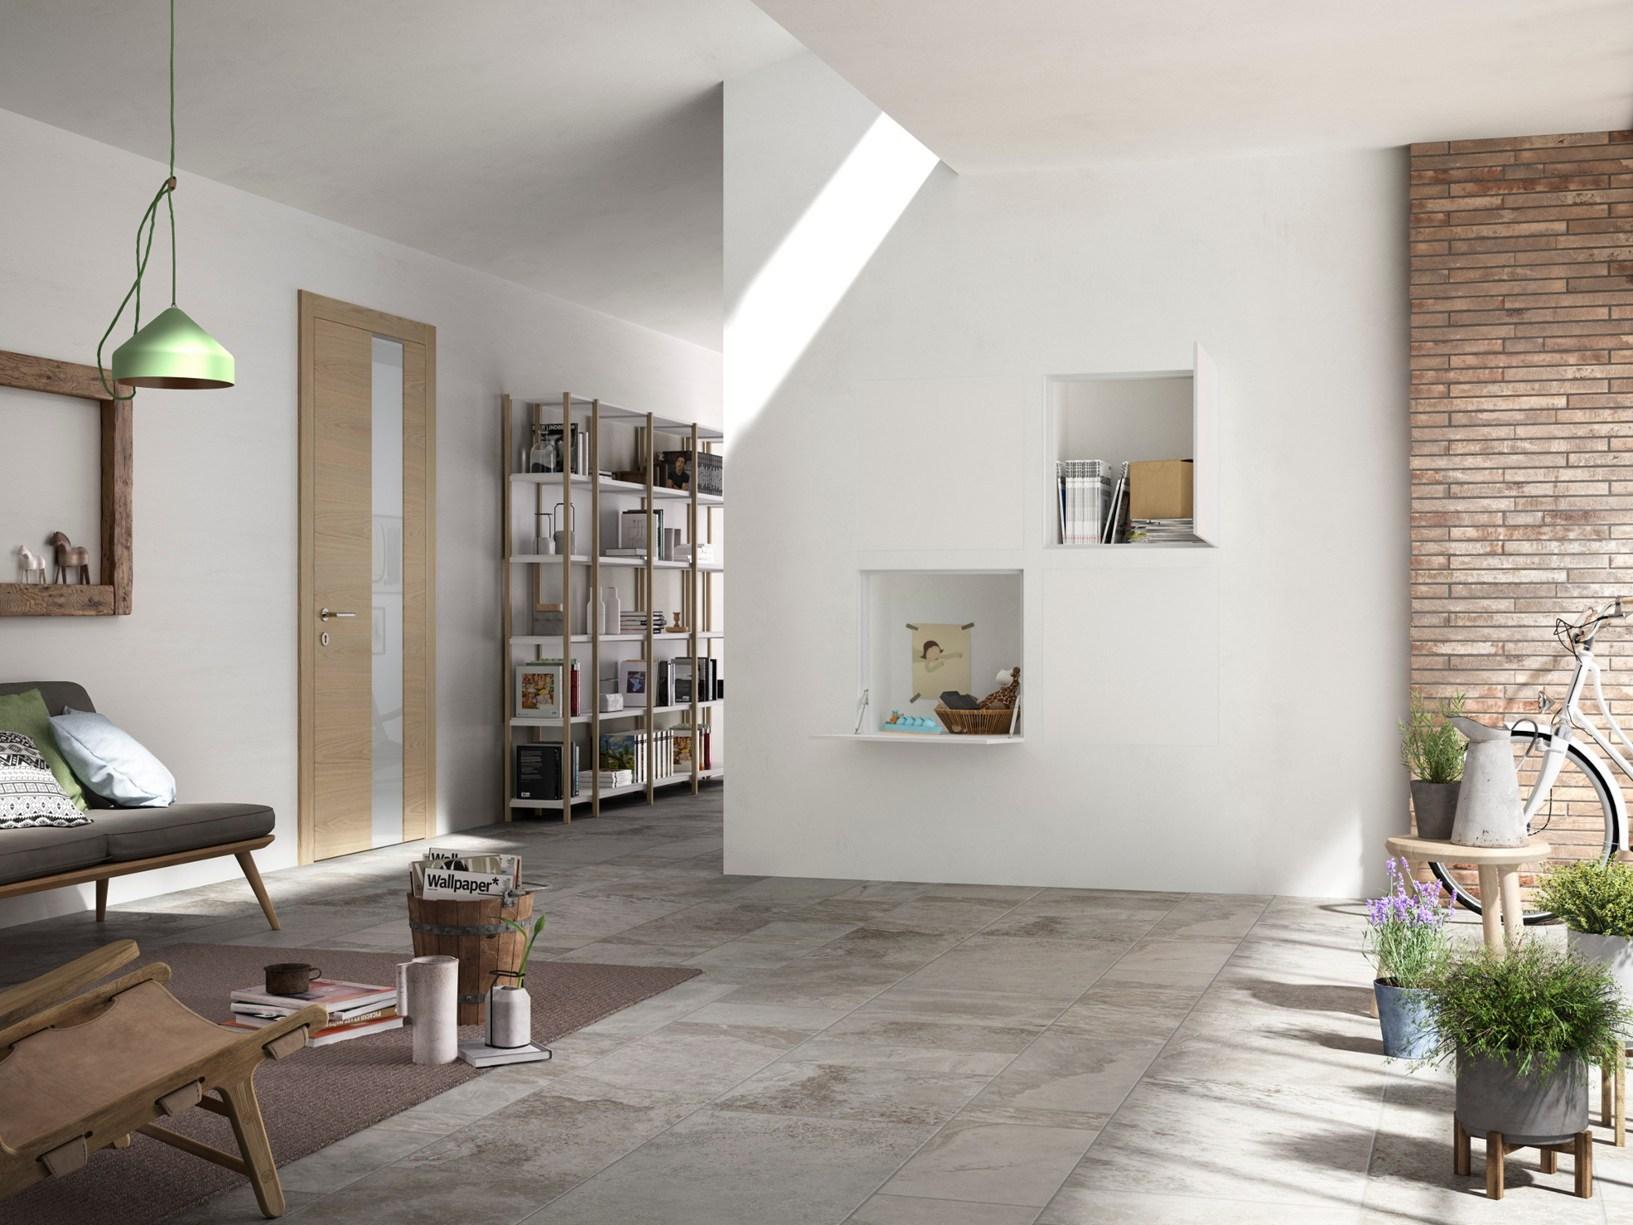 Chiusure minimaliste per ogni spazio della casa for Interni case minimaliste